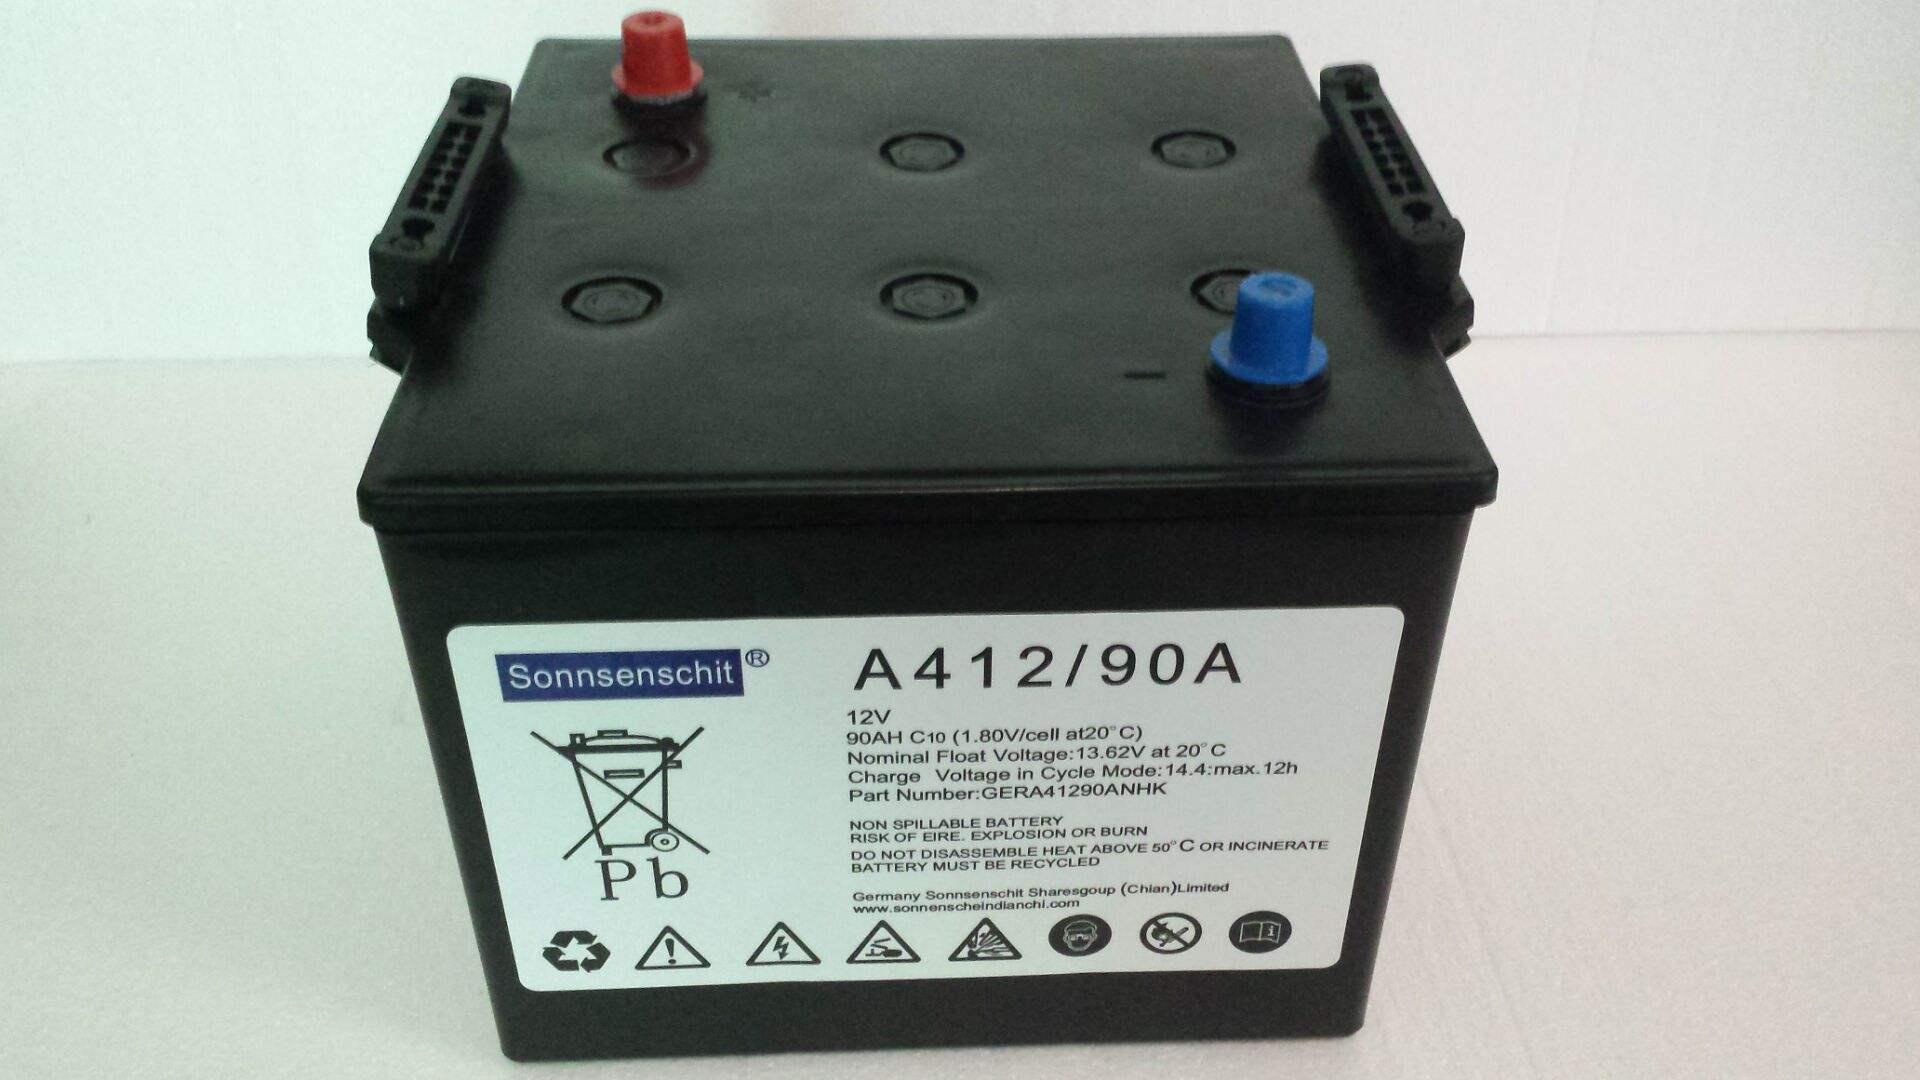 德国阳光A412/90A蓄电池 阳光A412/90A 德国阳光12V90ah蓄电池 阳光A412/90A,德国阳光,A412/90A,蓄电池,12V90AH